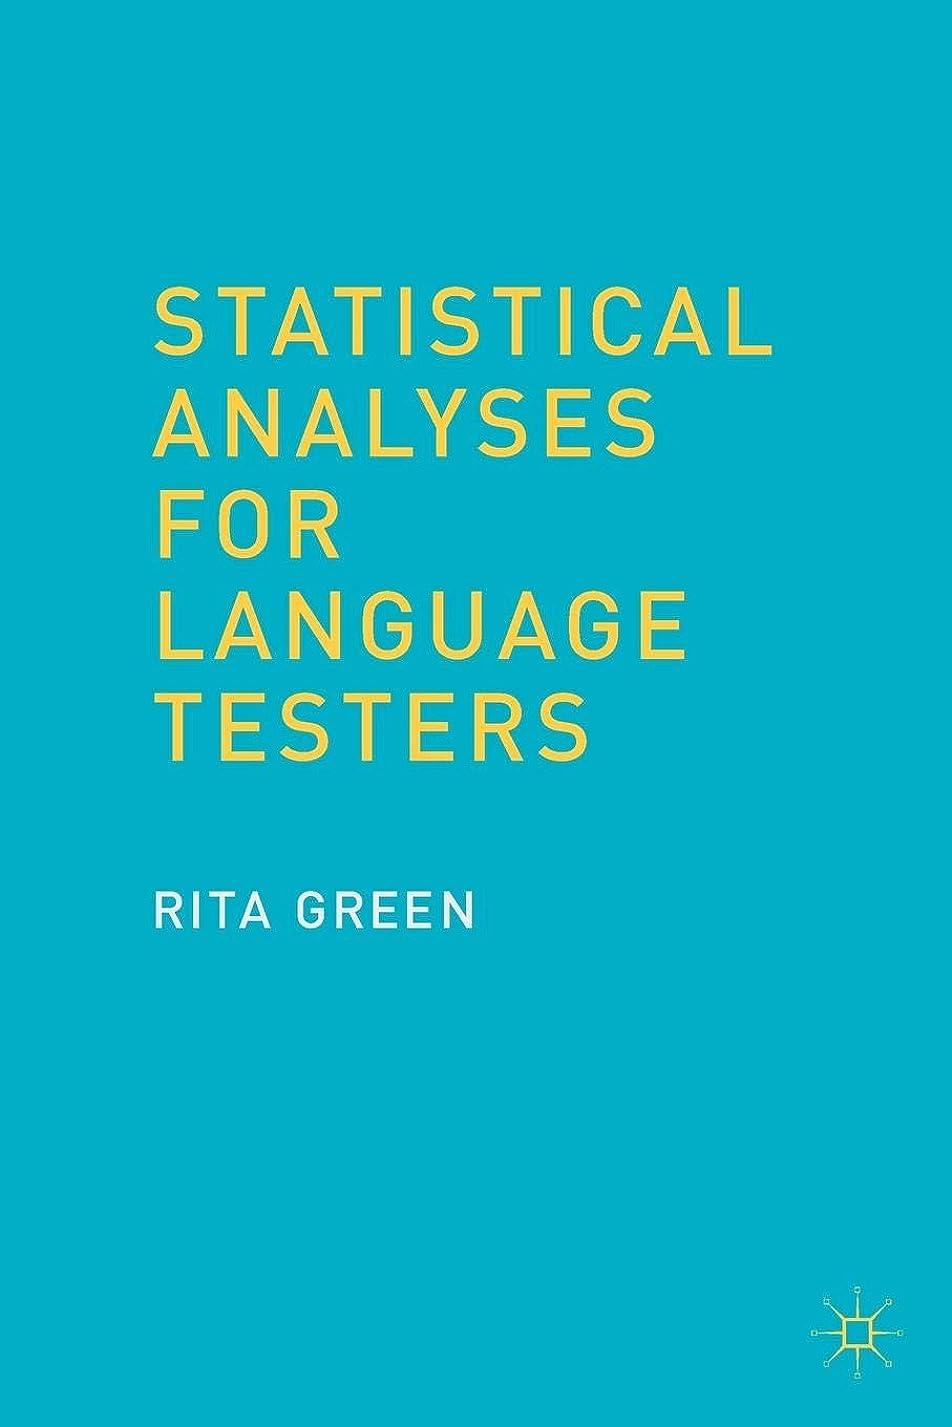 販売員割り込みダーベビルのテスStatistical Analyses for Language Testers